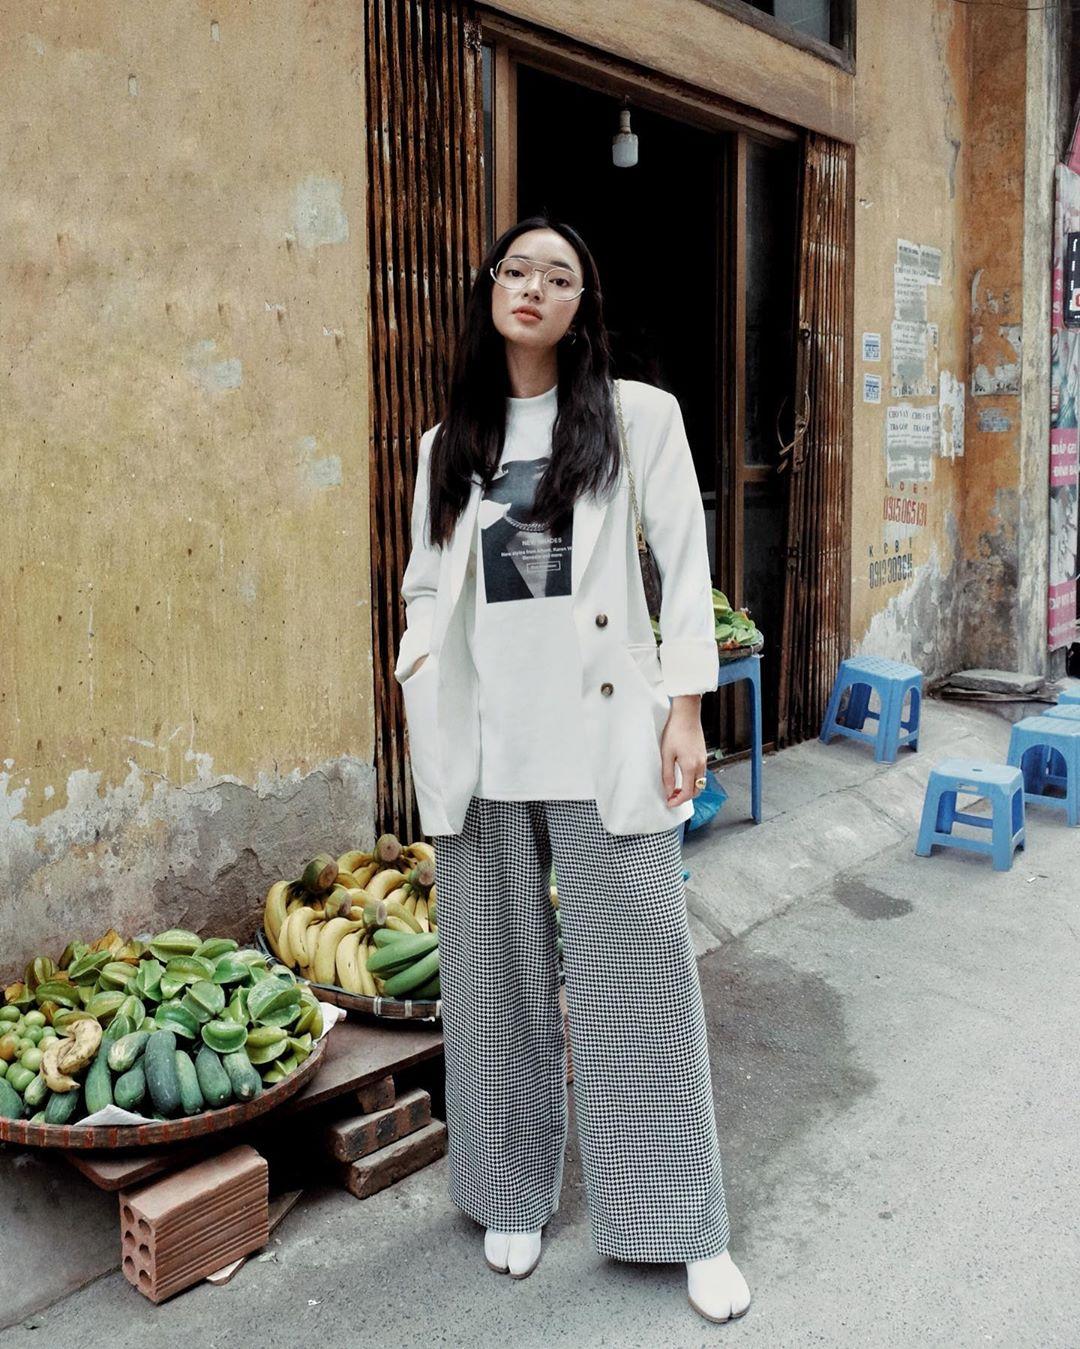 Châu Bùi trong trang phục màu trắng và xám hợp mệnh Kim